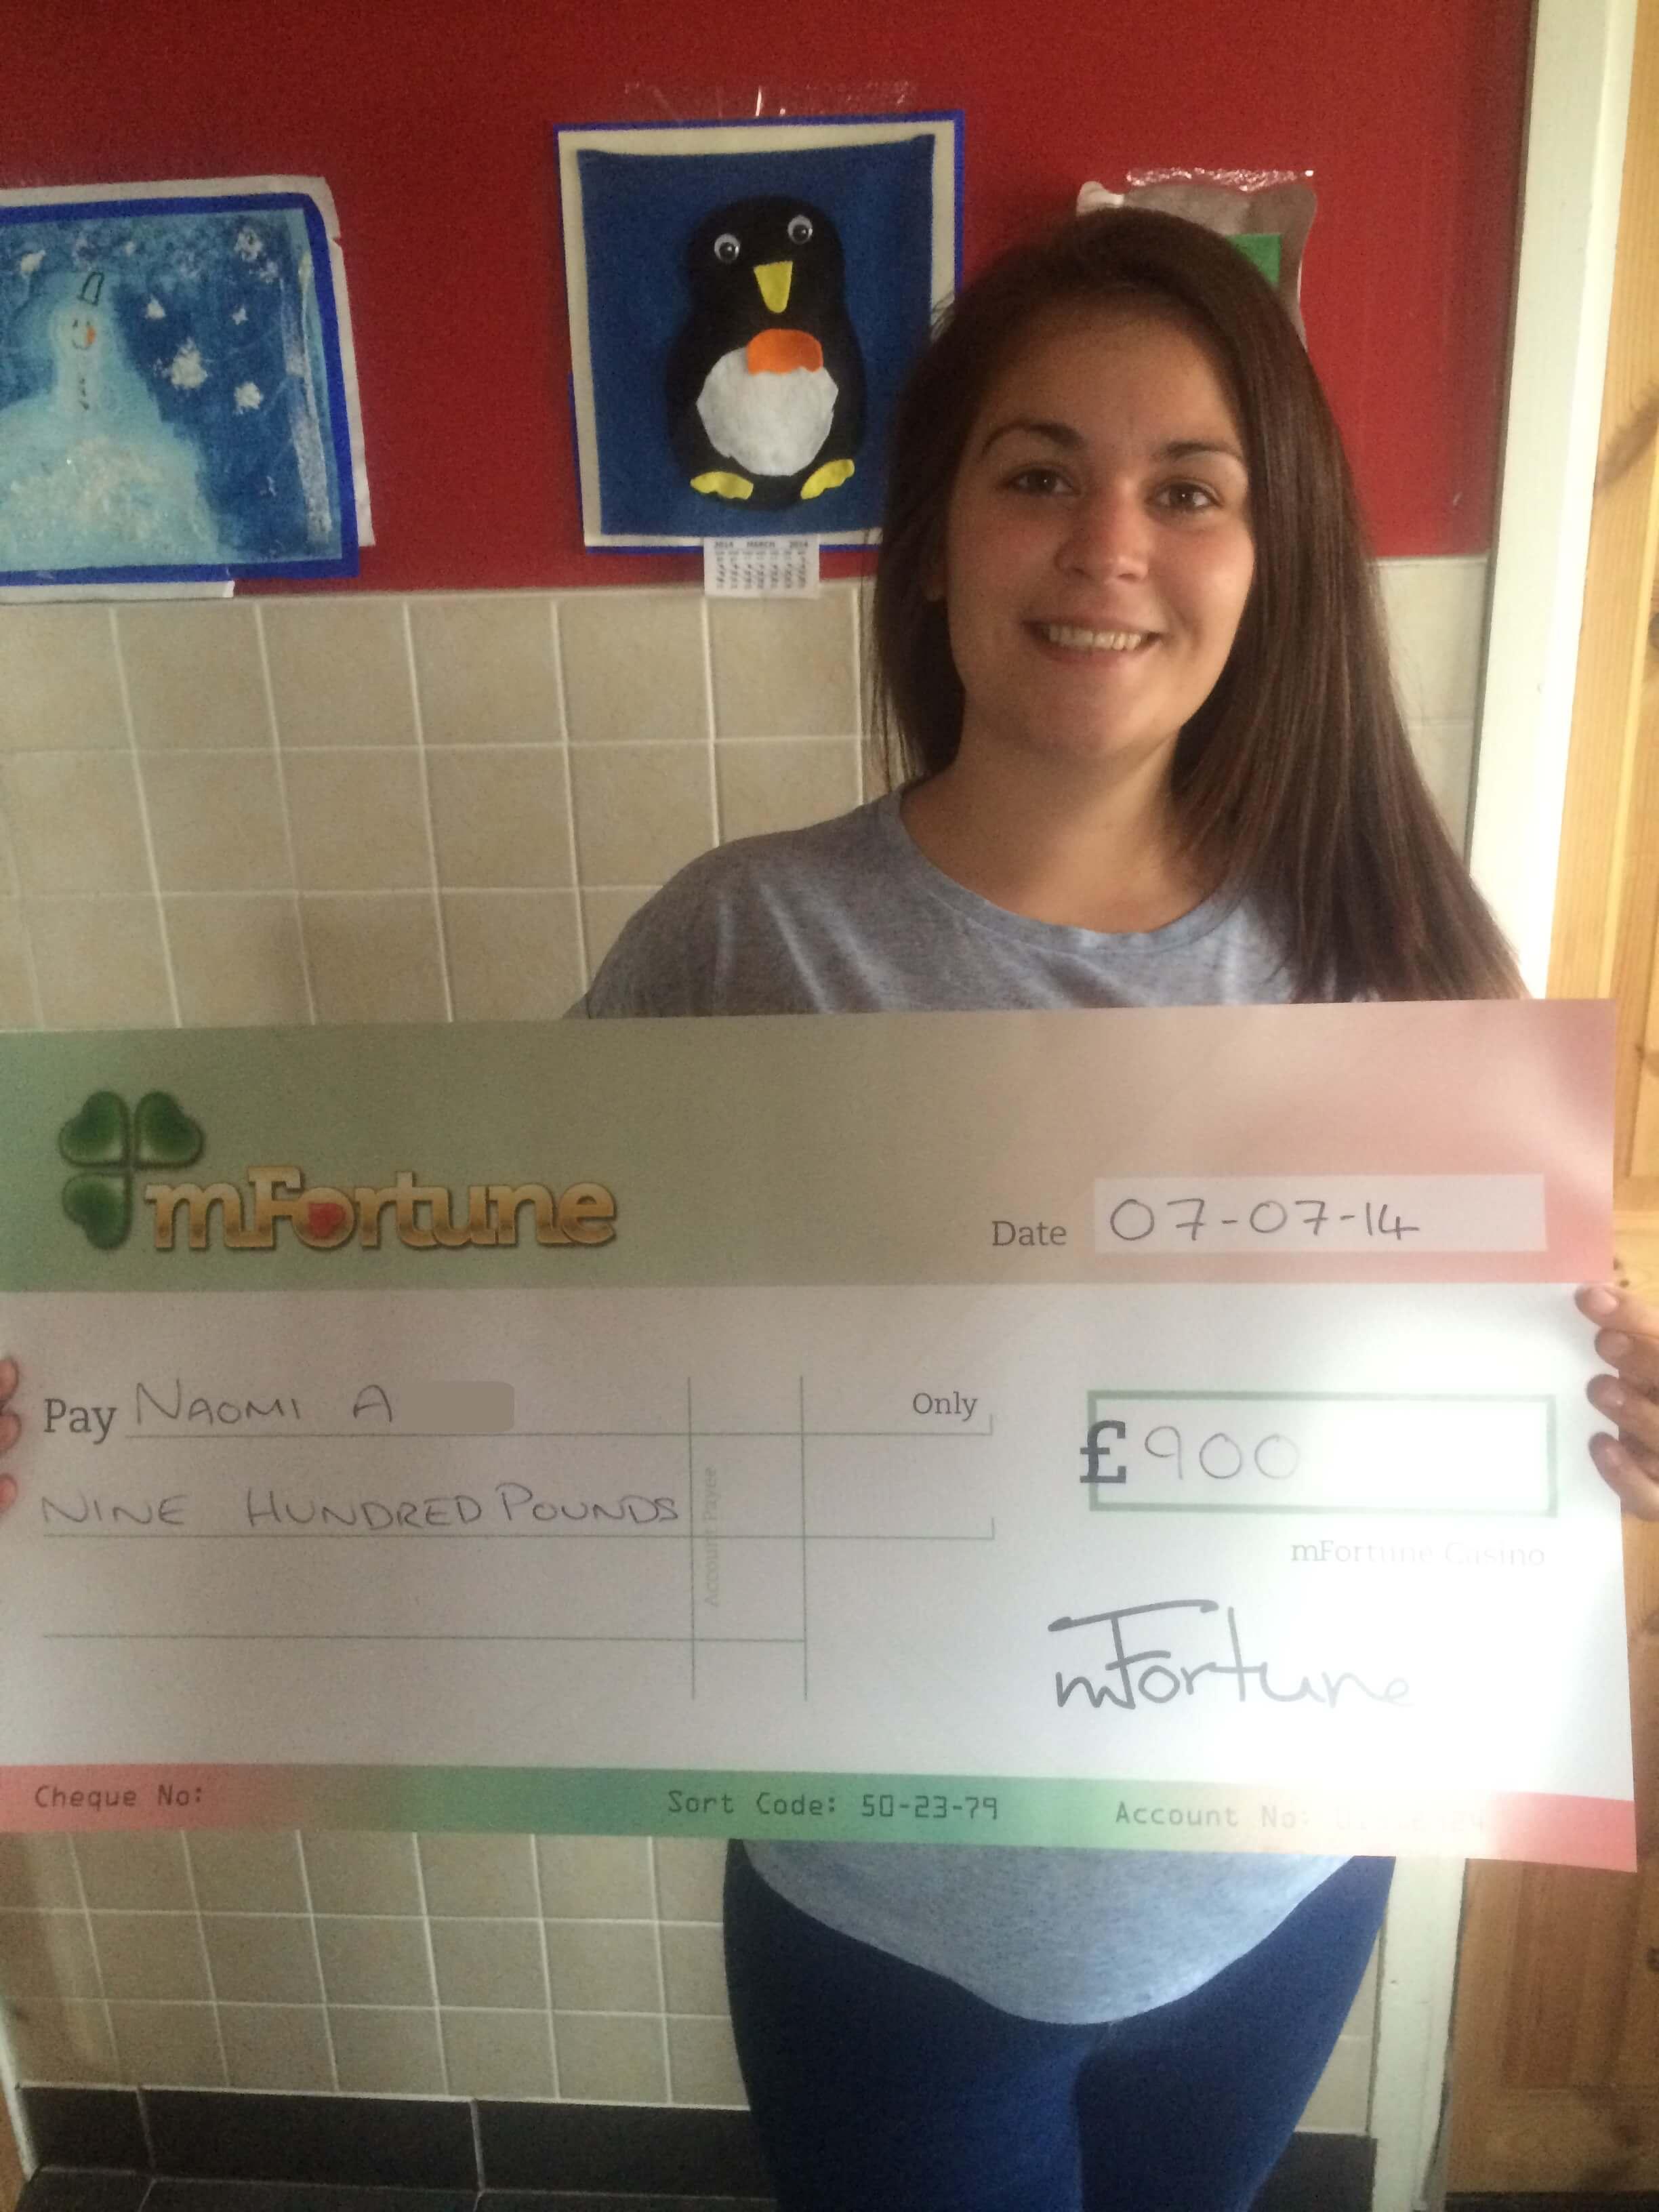 Naomi A won £ 900